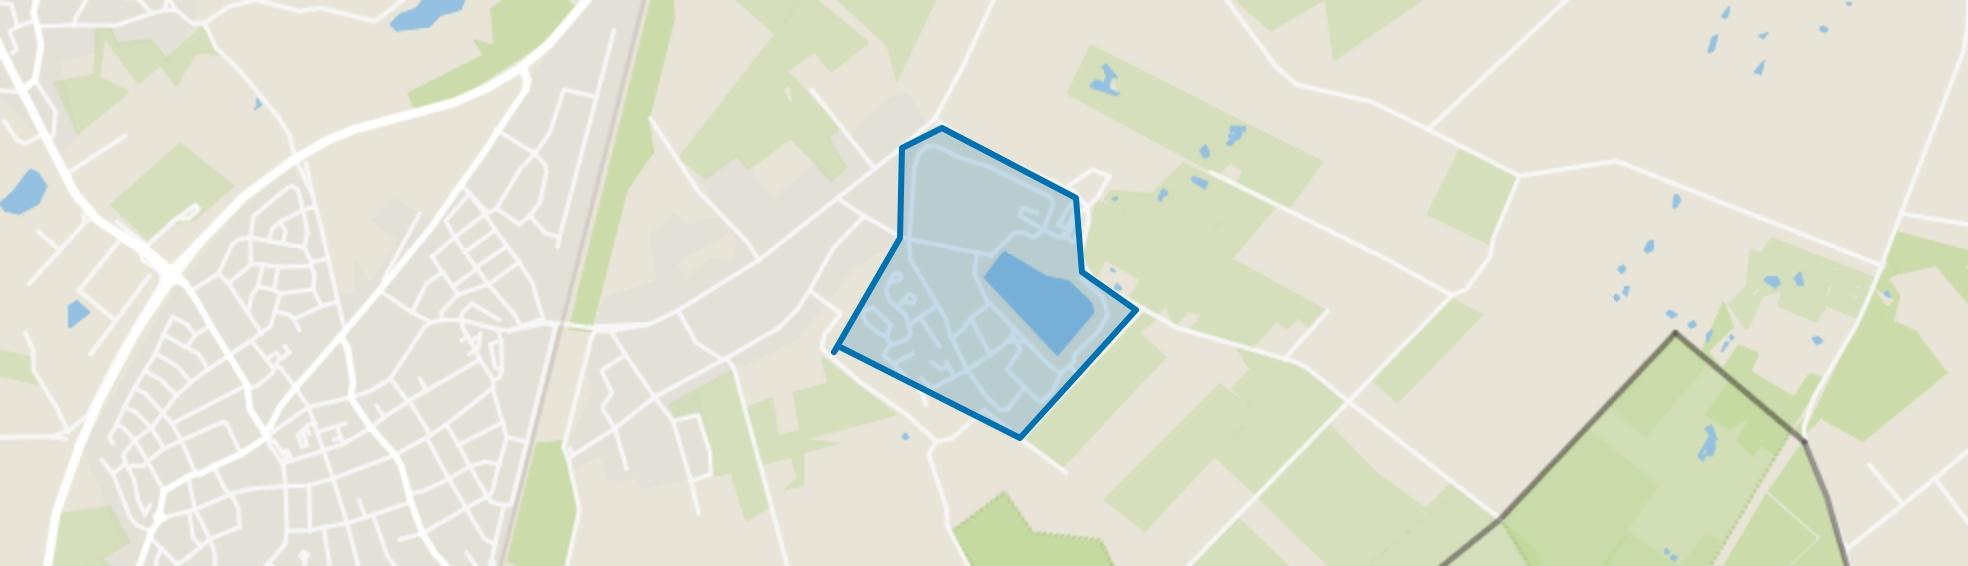 Recreatiepark Hommelheide, Susteren map